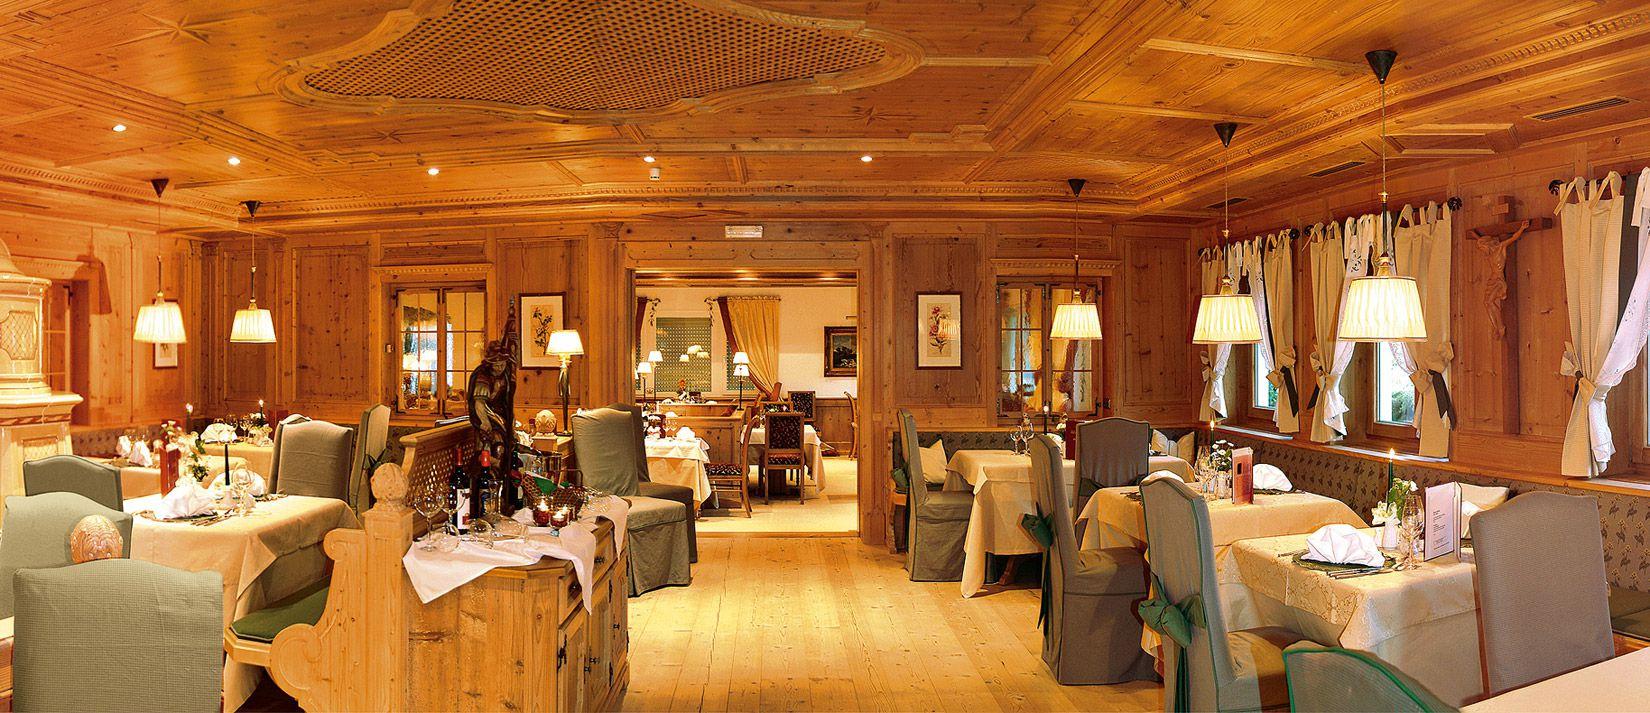 Sterne Hotel Schenna Meran